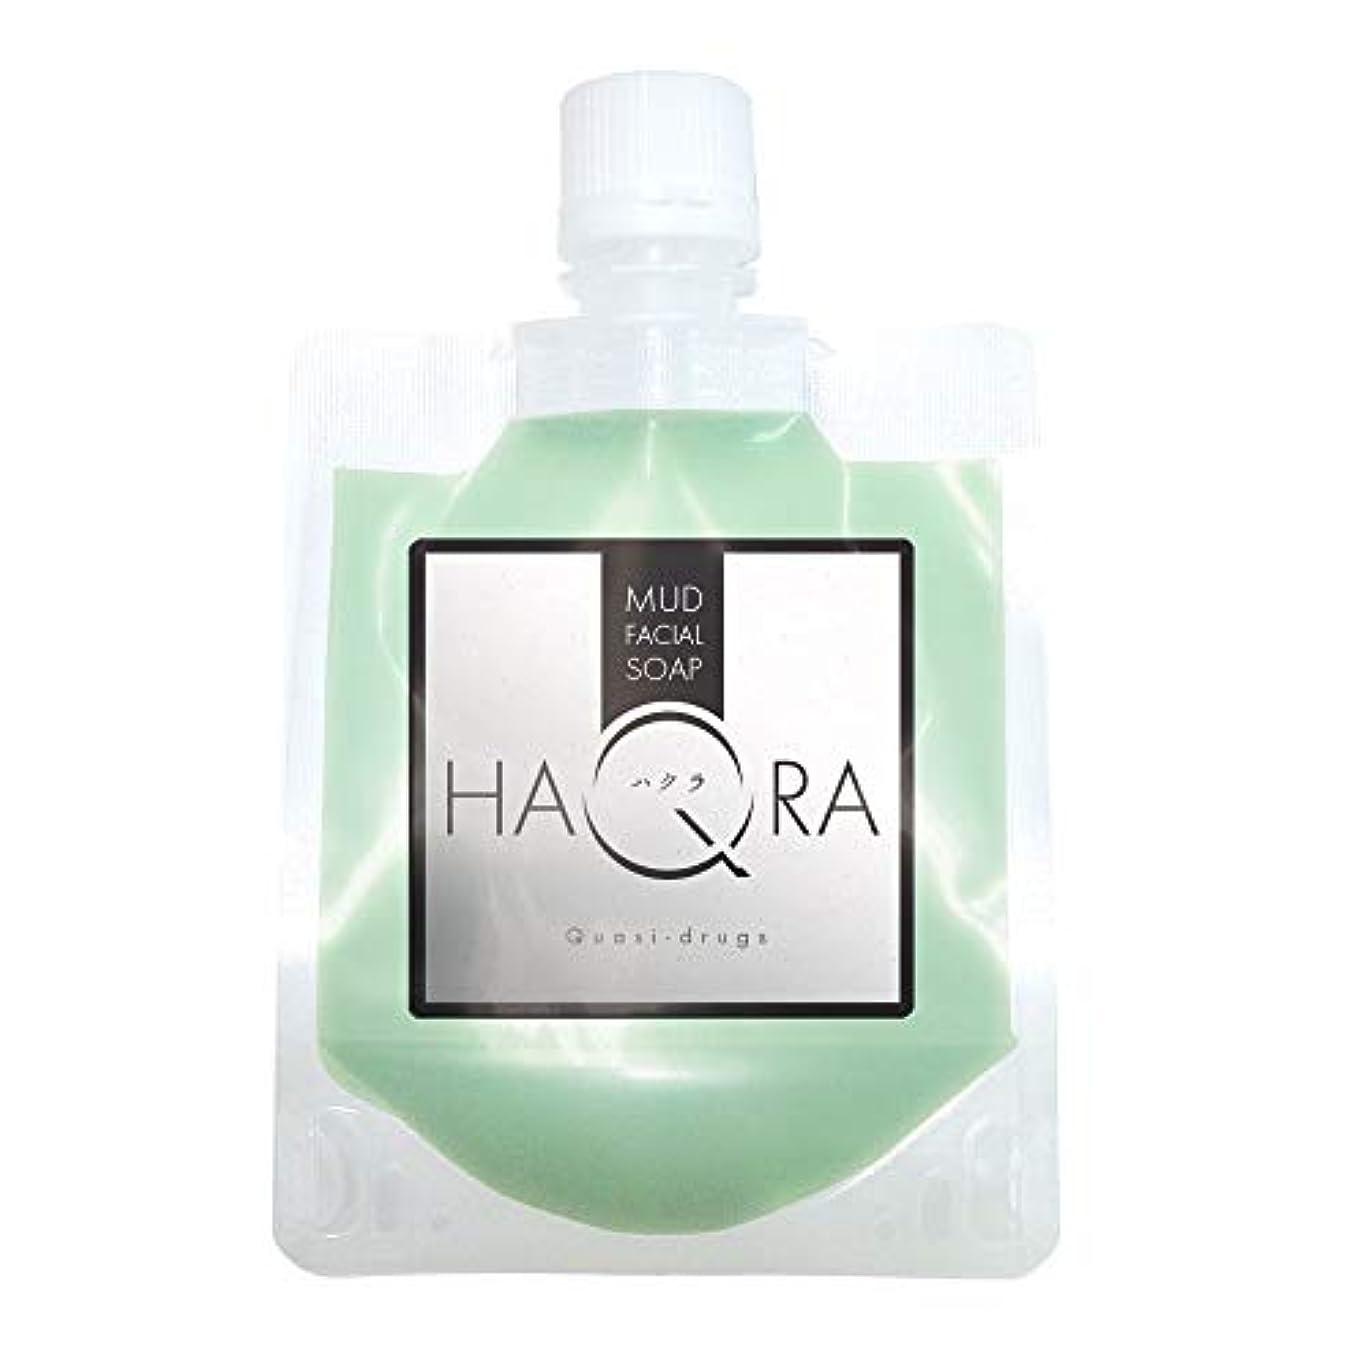 試みる貪欲エラーハクラ HAQRA クレイ洗顔 泥洗顔 石鹸 石けん